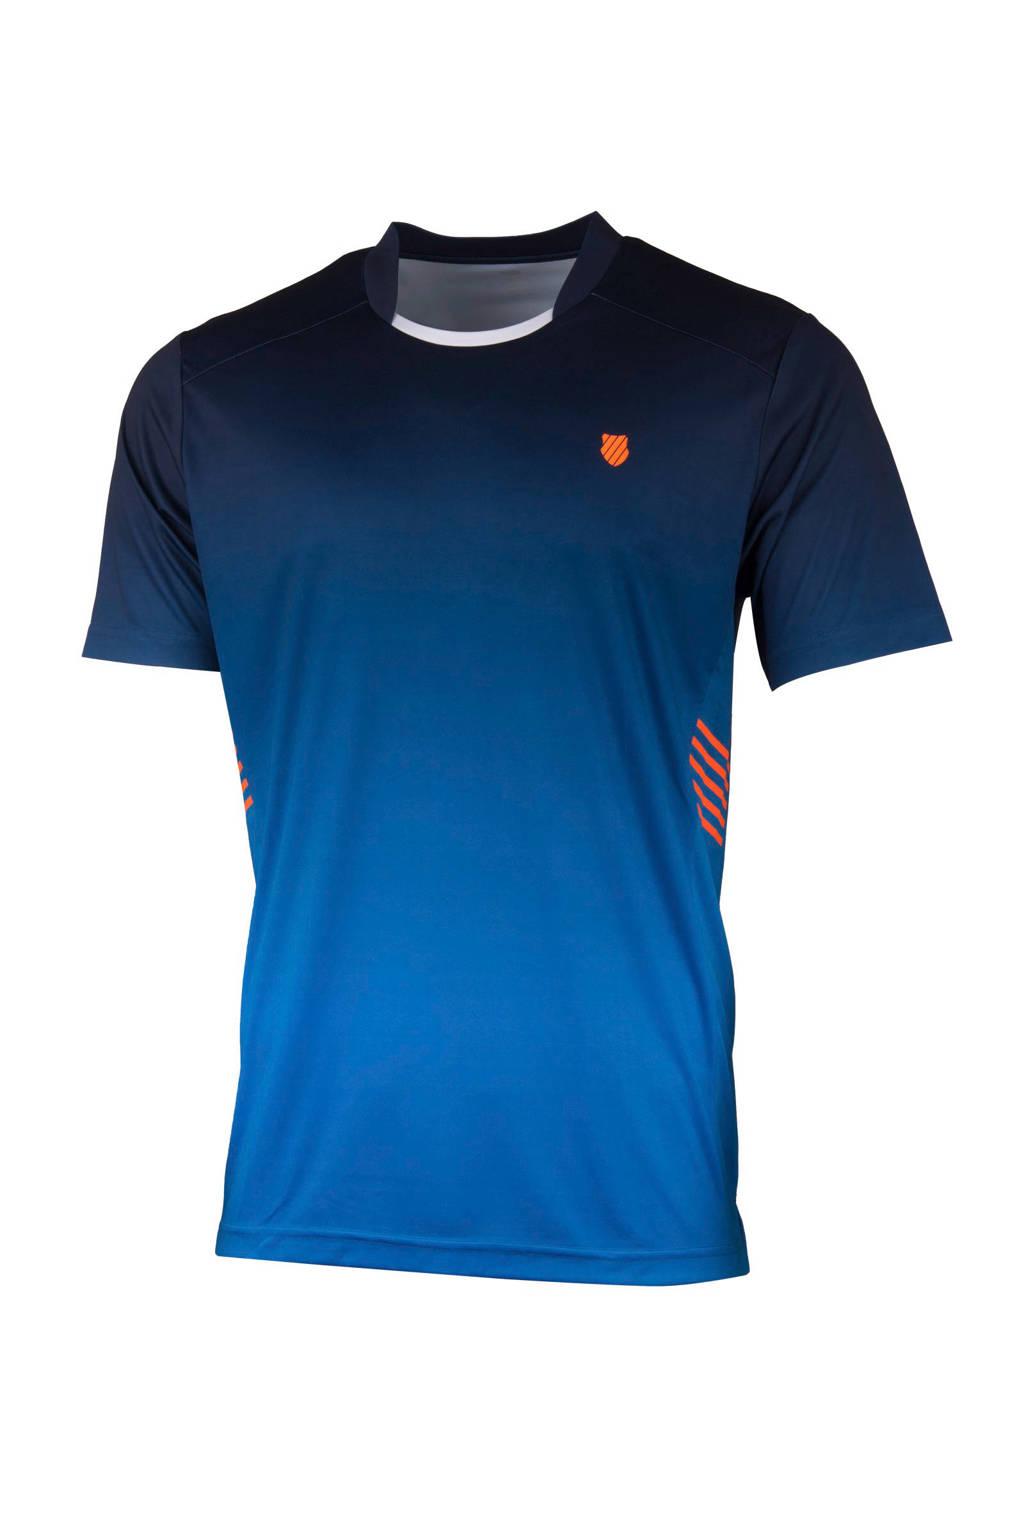 K-Swiss   sport T-shirt, Blauw/donkerblauw